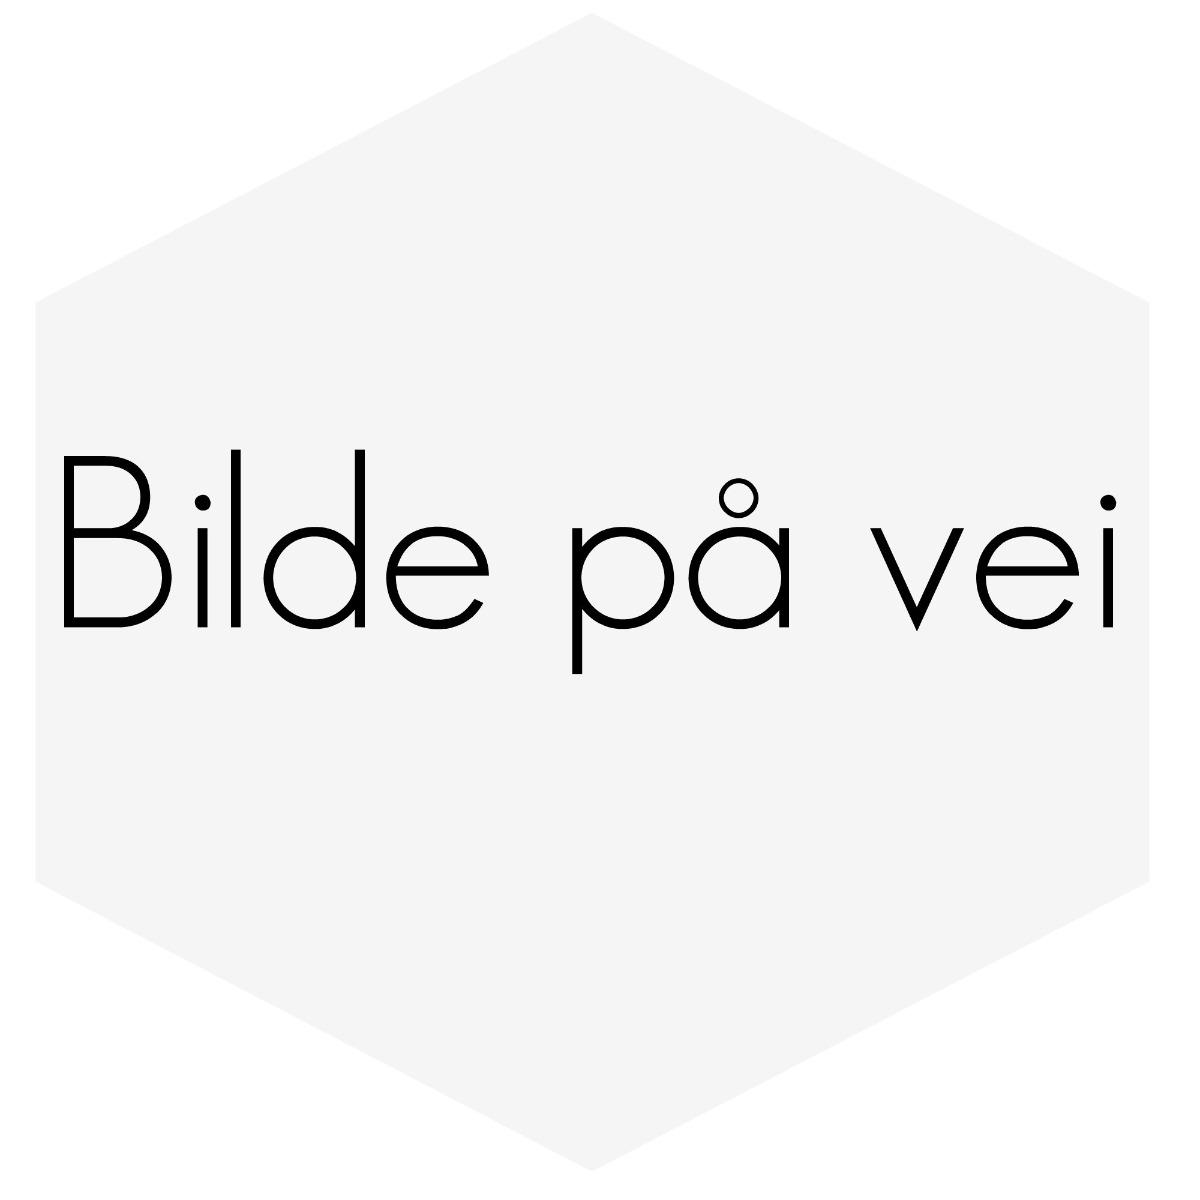 KLIPS TIL VOLVO AMAZON TIL LIST ØVERST PÅ DØR/BAKSKJERM